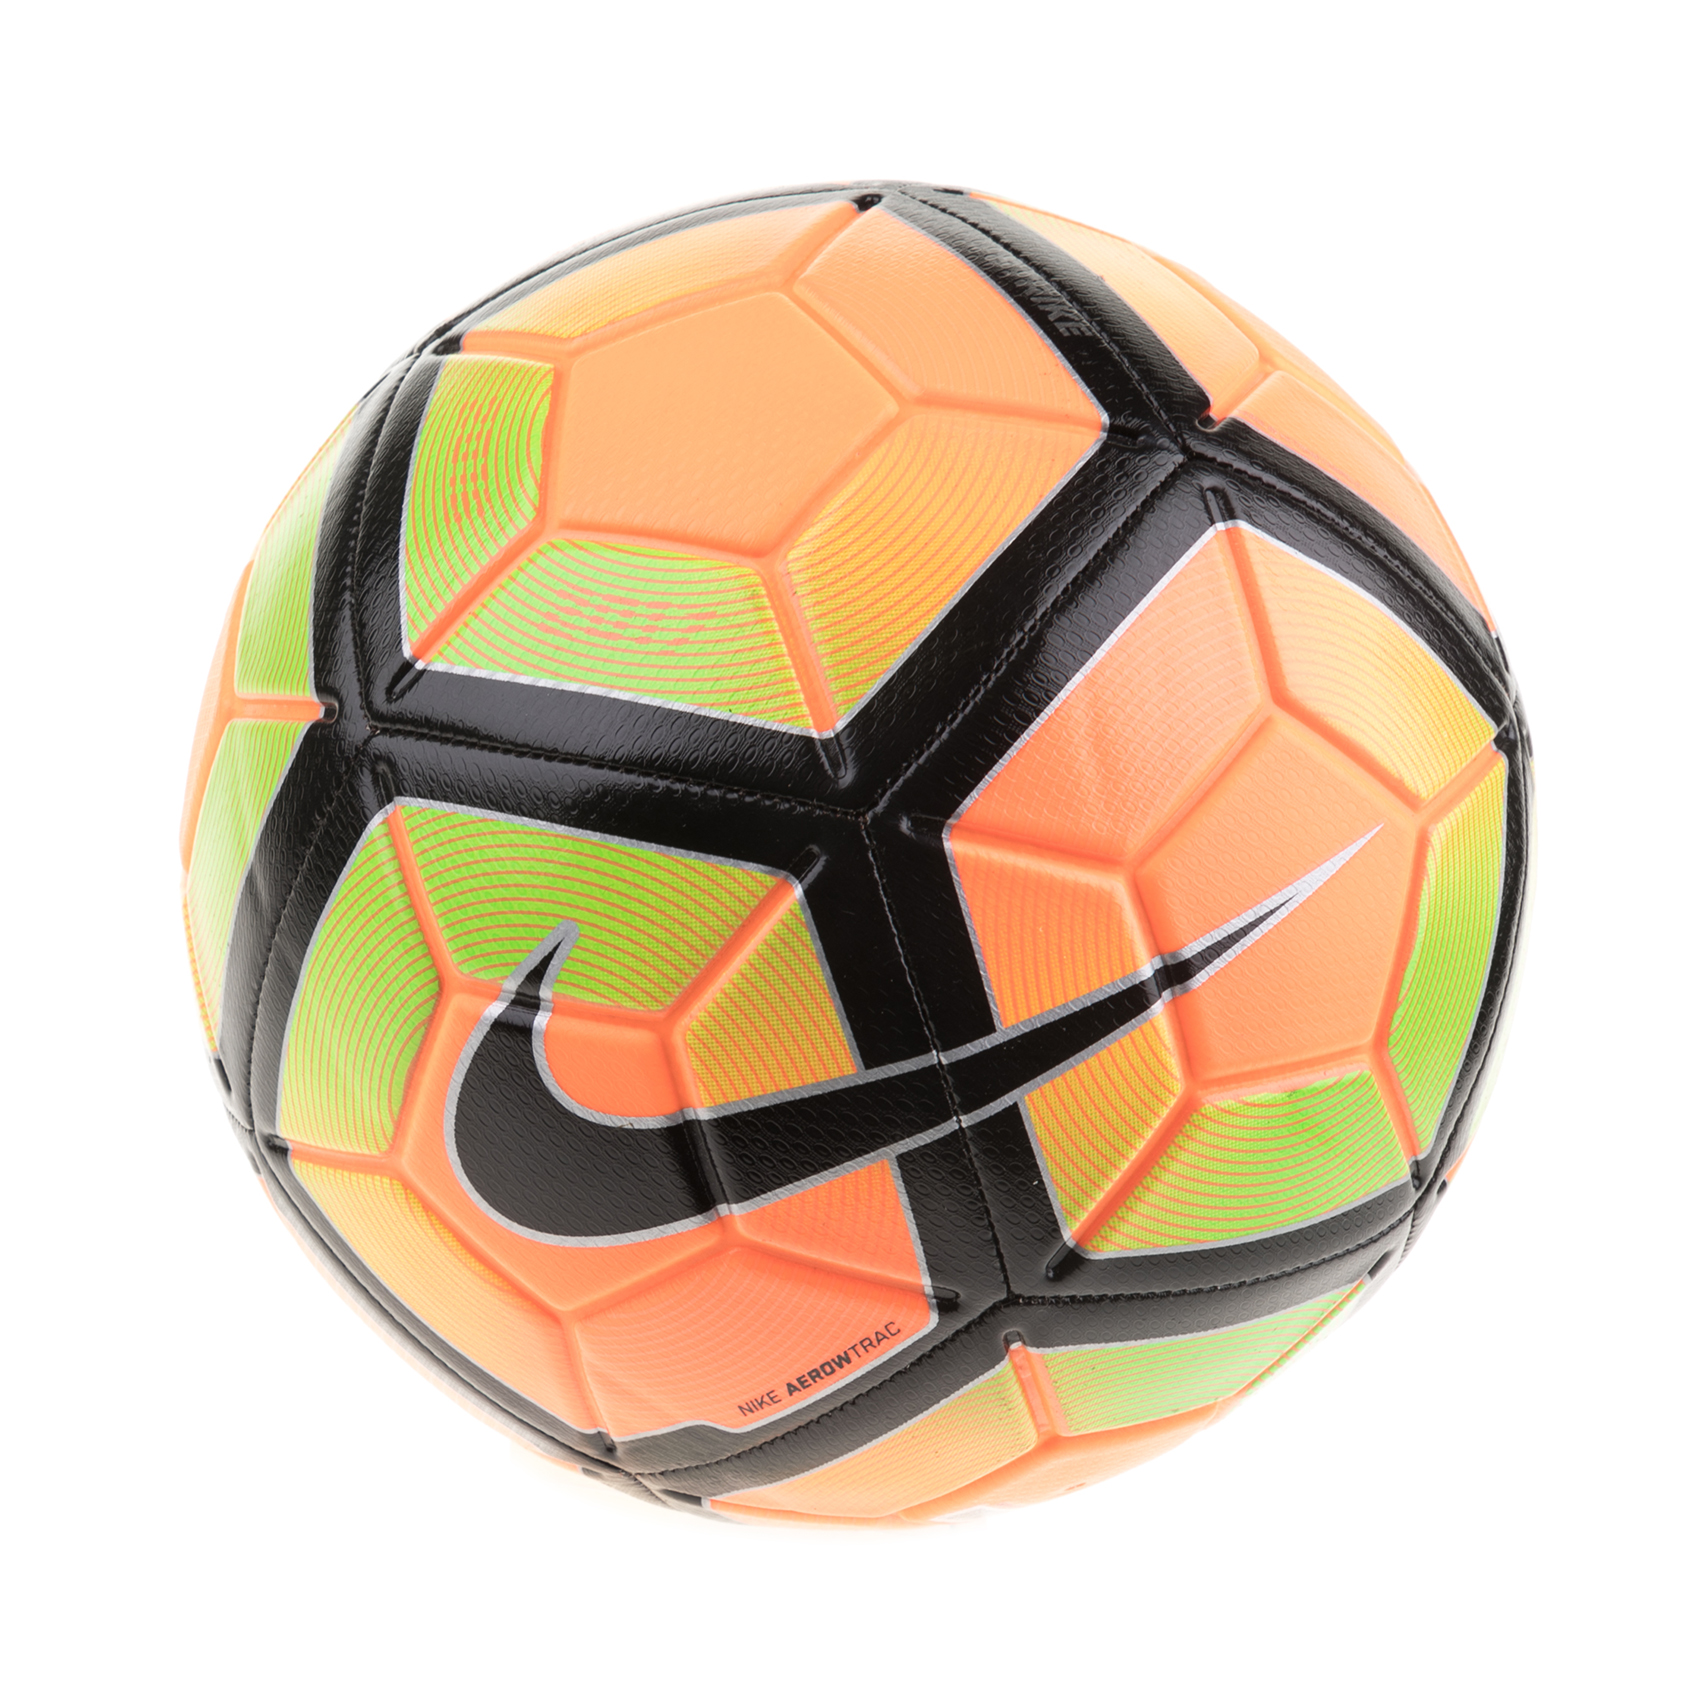 NIKE – Μπάλα ποδοσφαίρου Nike STRIKE πορτοκαλί